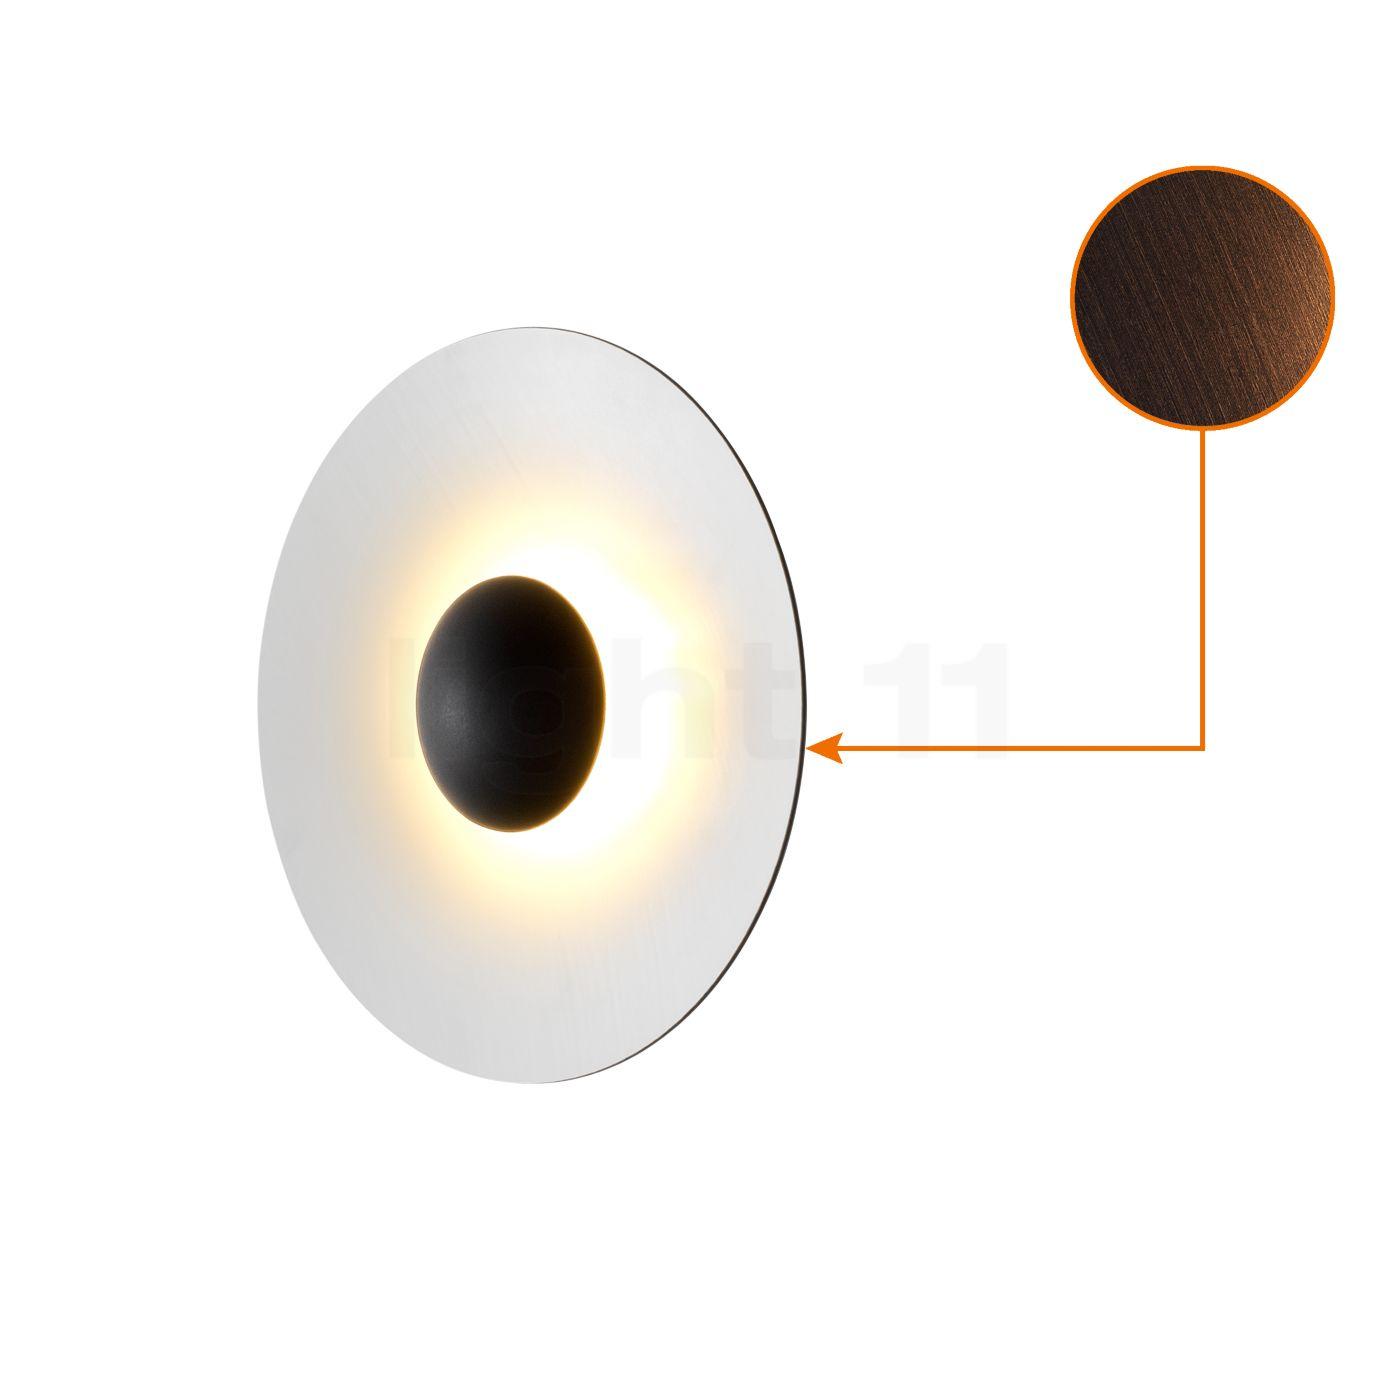 Marset Ginger 32 Wand-/Deckenleuchte LED, Wenge/weiß A662-147